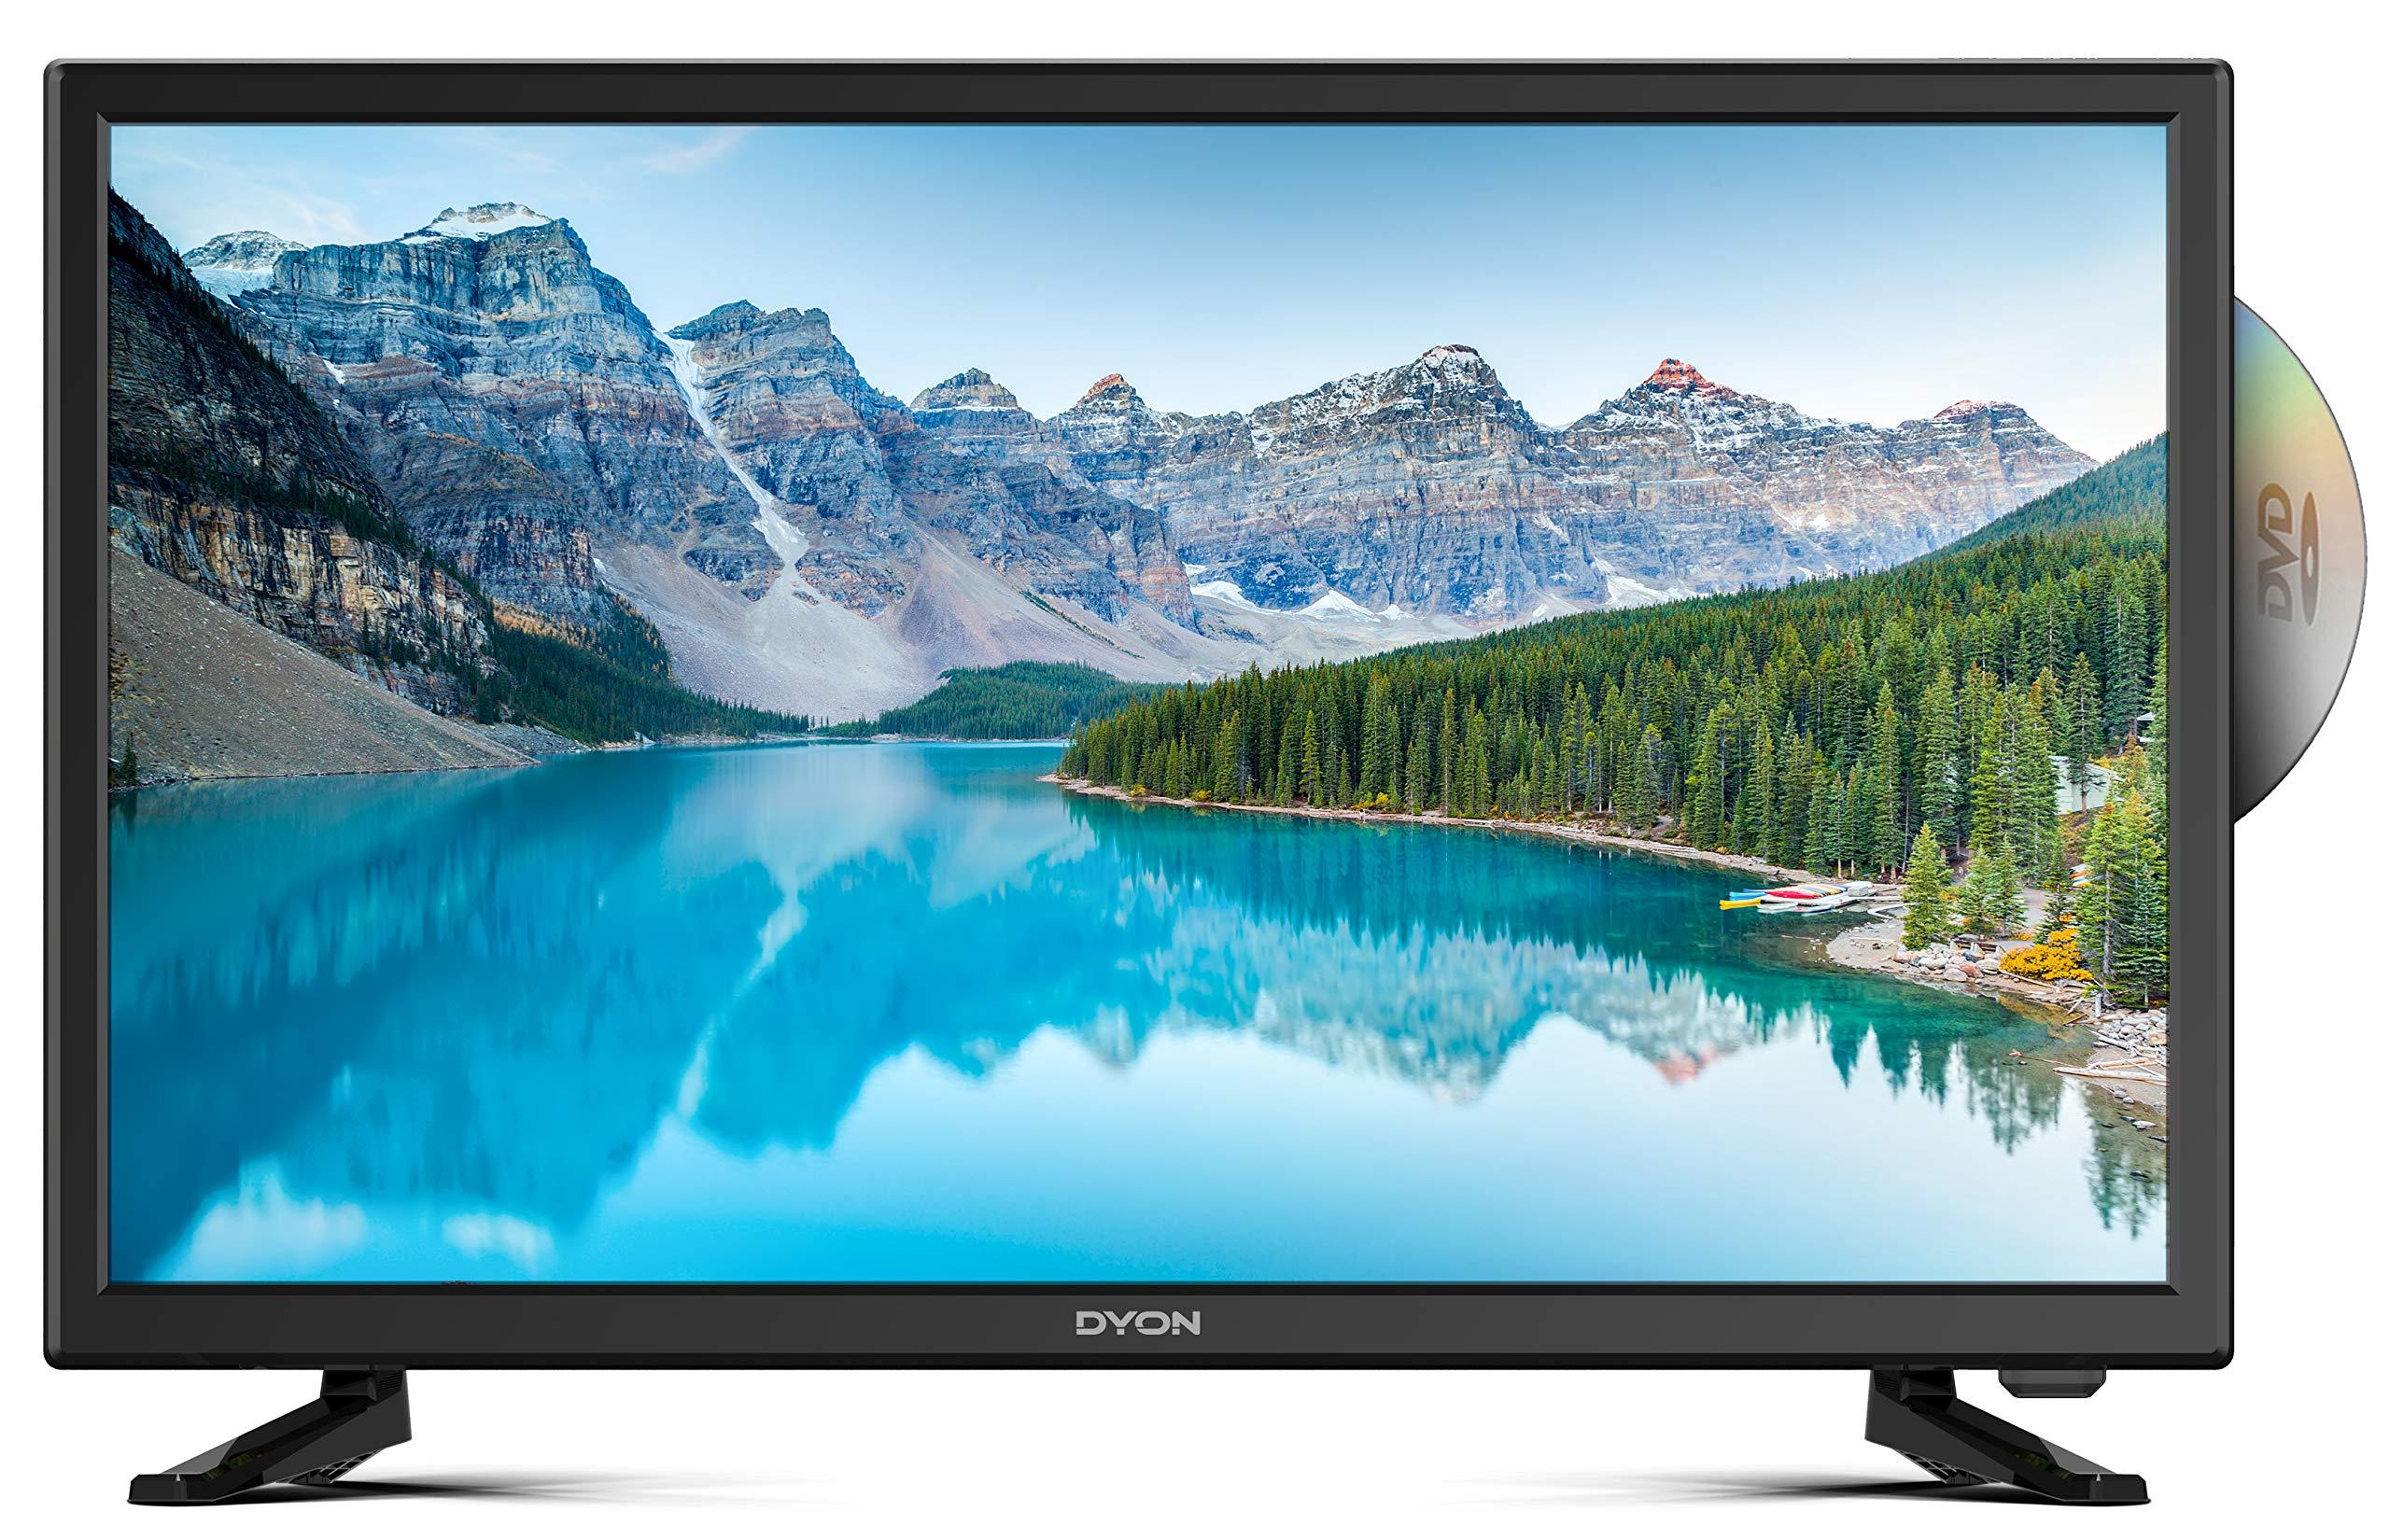 DYON Sigma 24 DVD LED-TV 60cm 23.6 Zoll EEK A+ (A++: Amazon.es: Electrónica